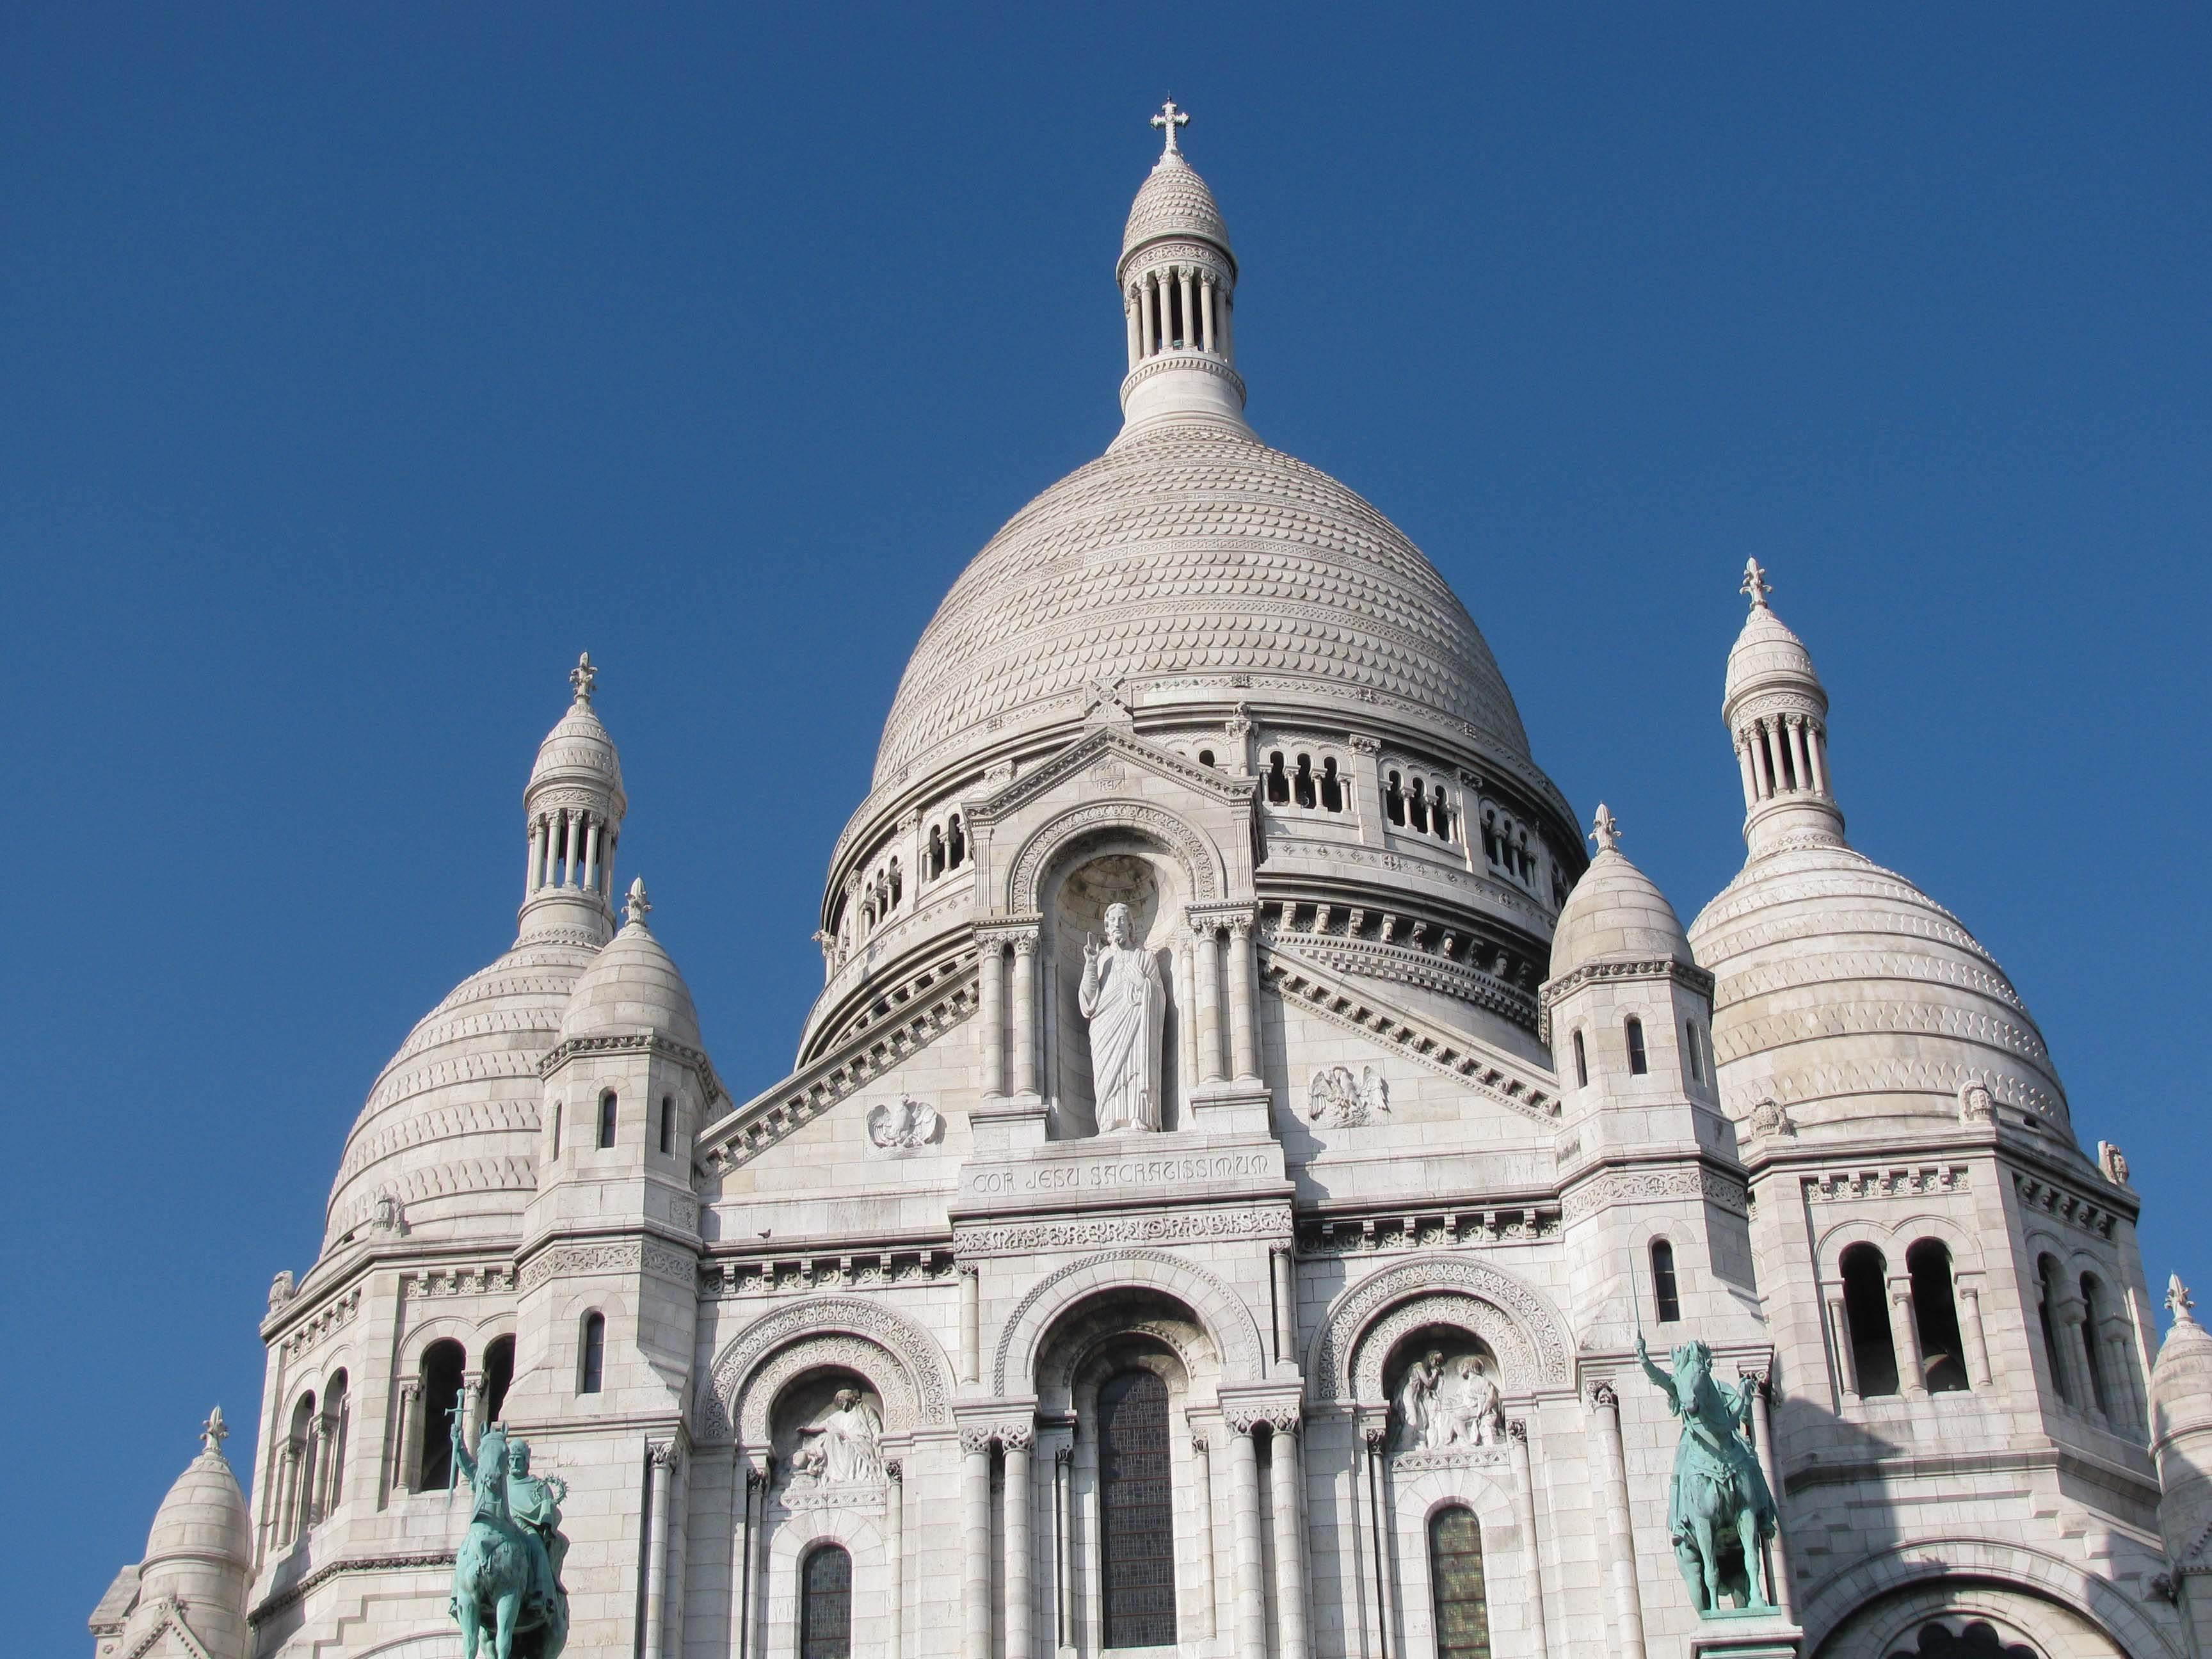 Roteiro de 3 dias em Paris 4 dicas Viaje Global